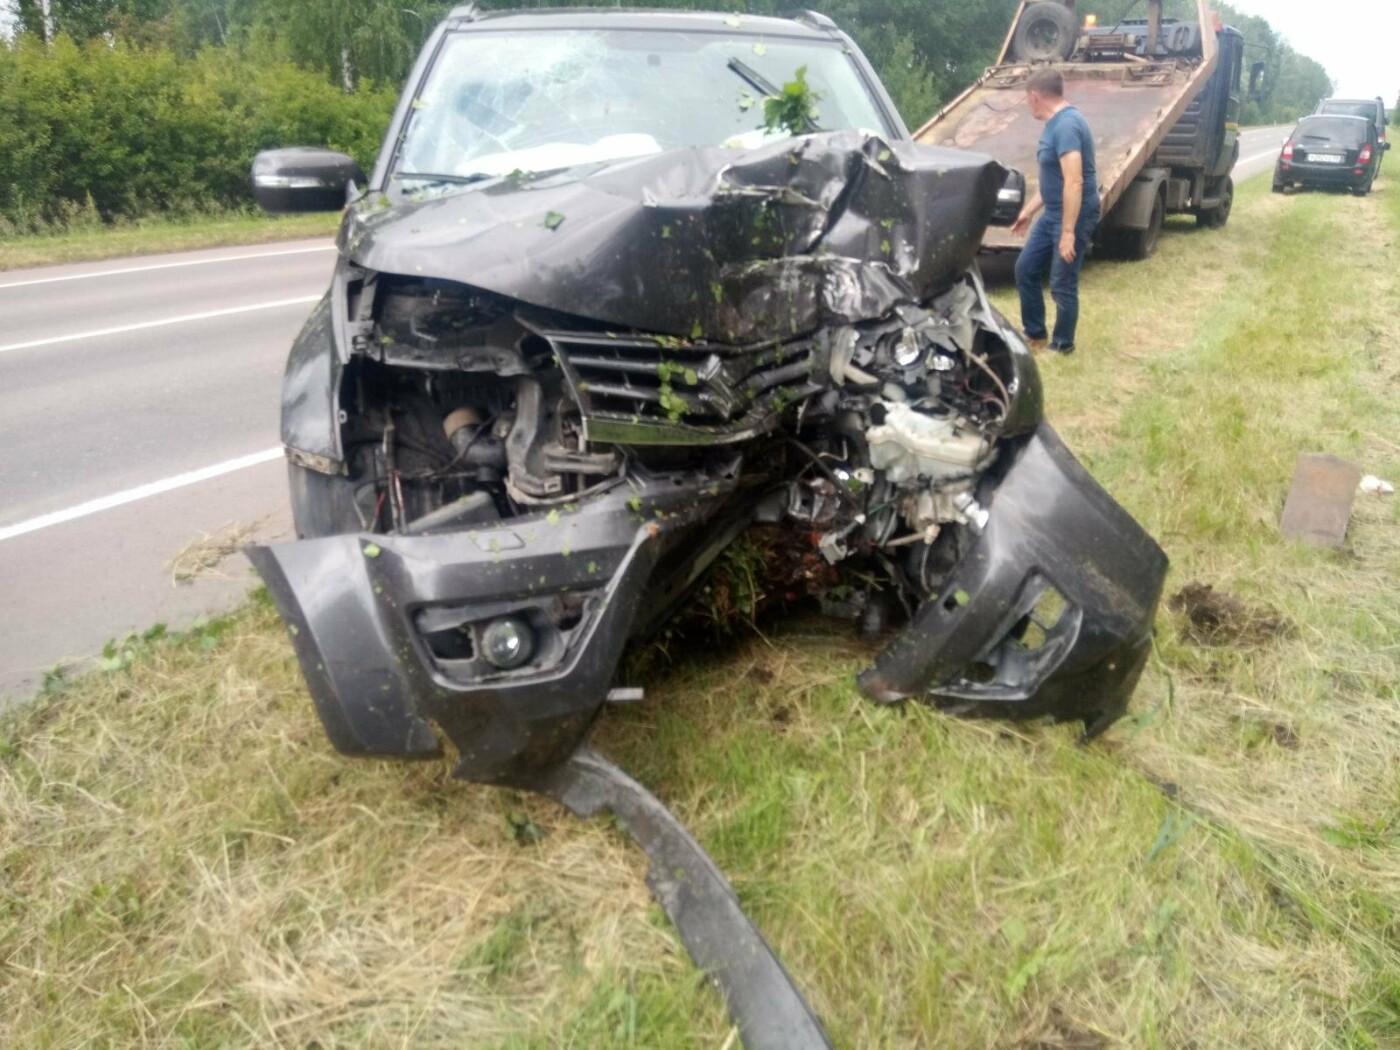 В Тамбовском районе автомобиль врезался в дерево: пострадали четверо, фото-1